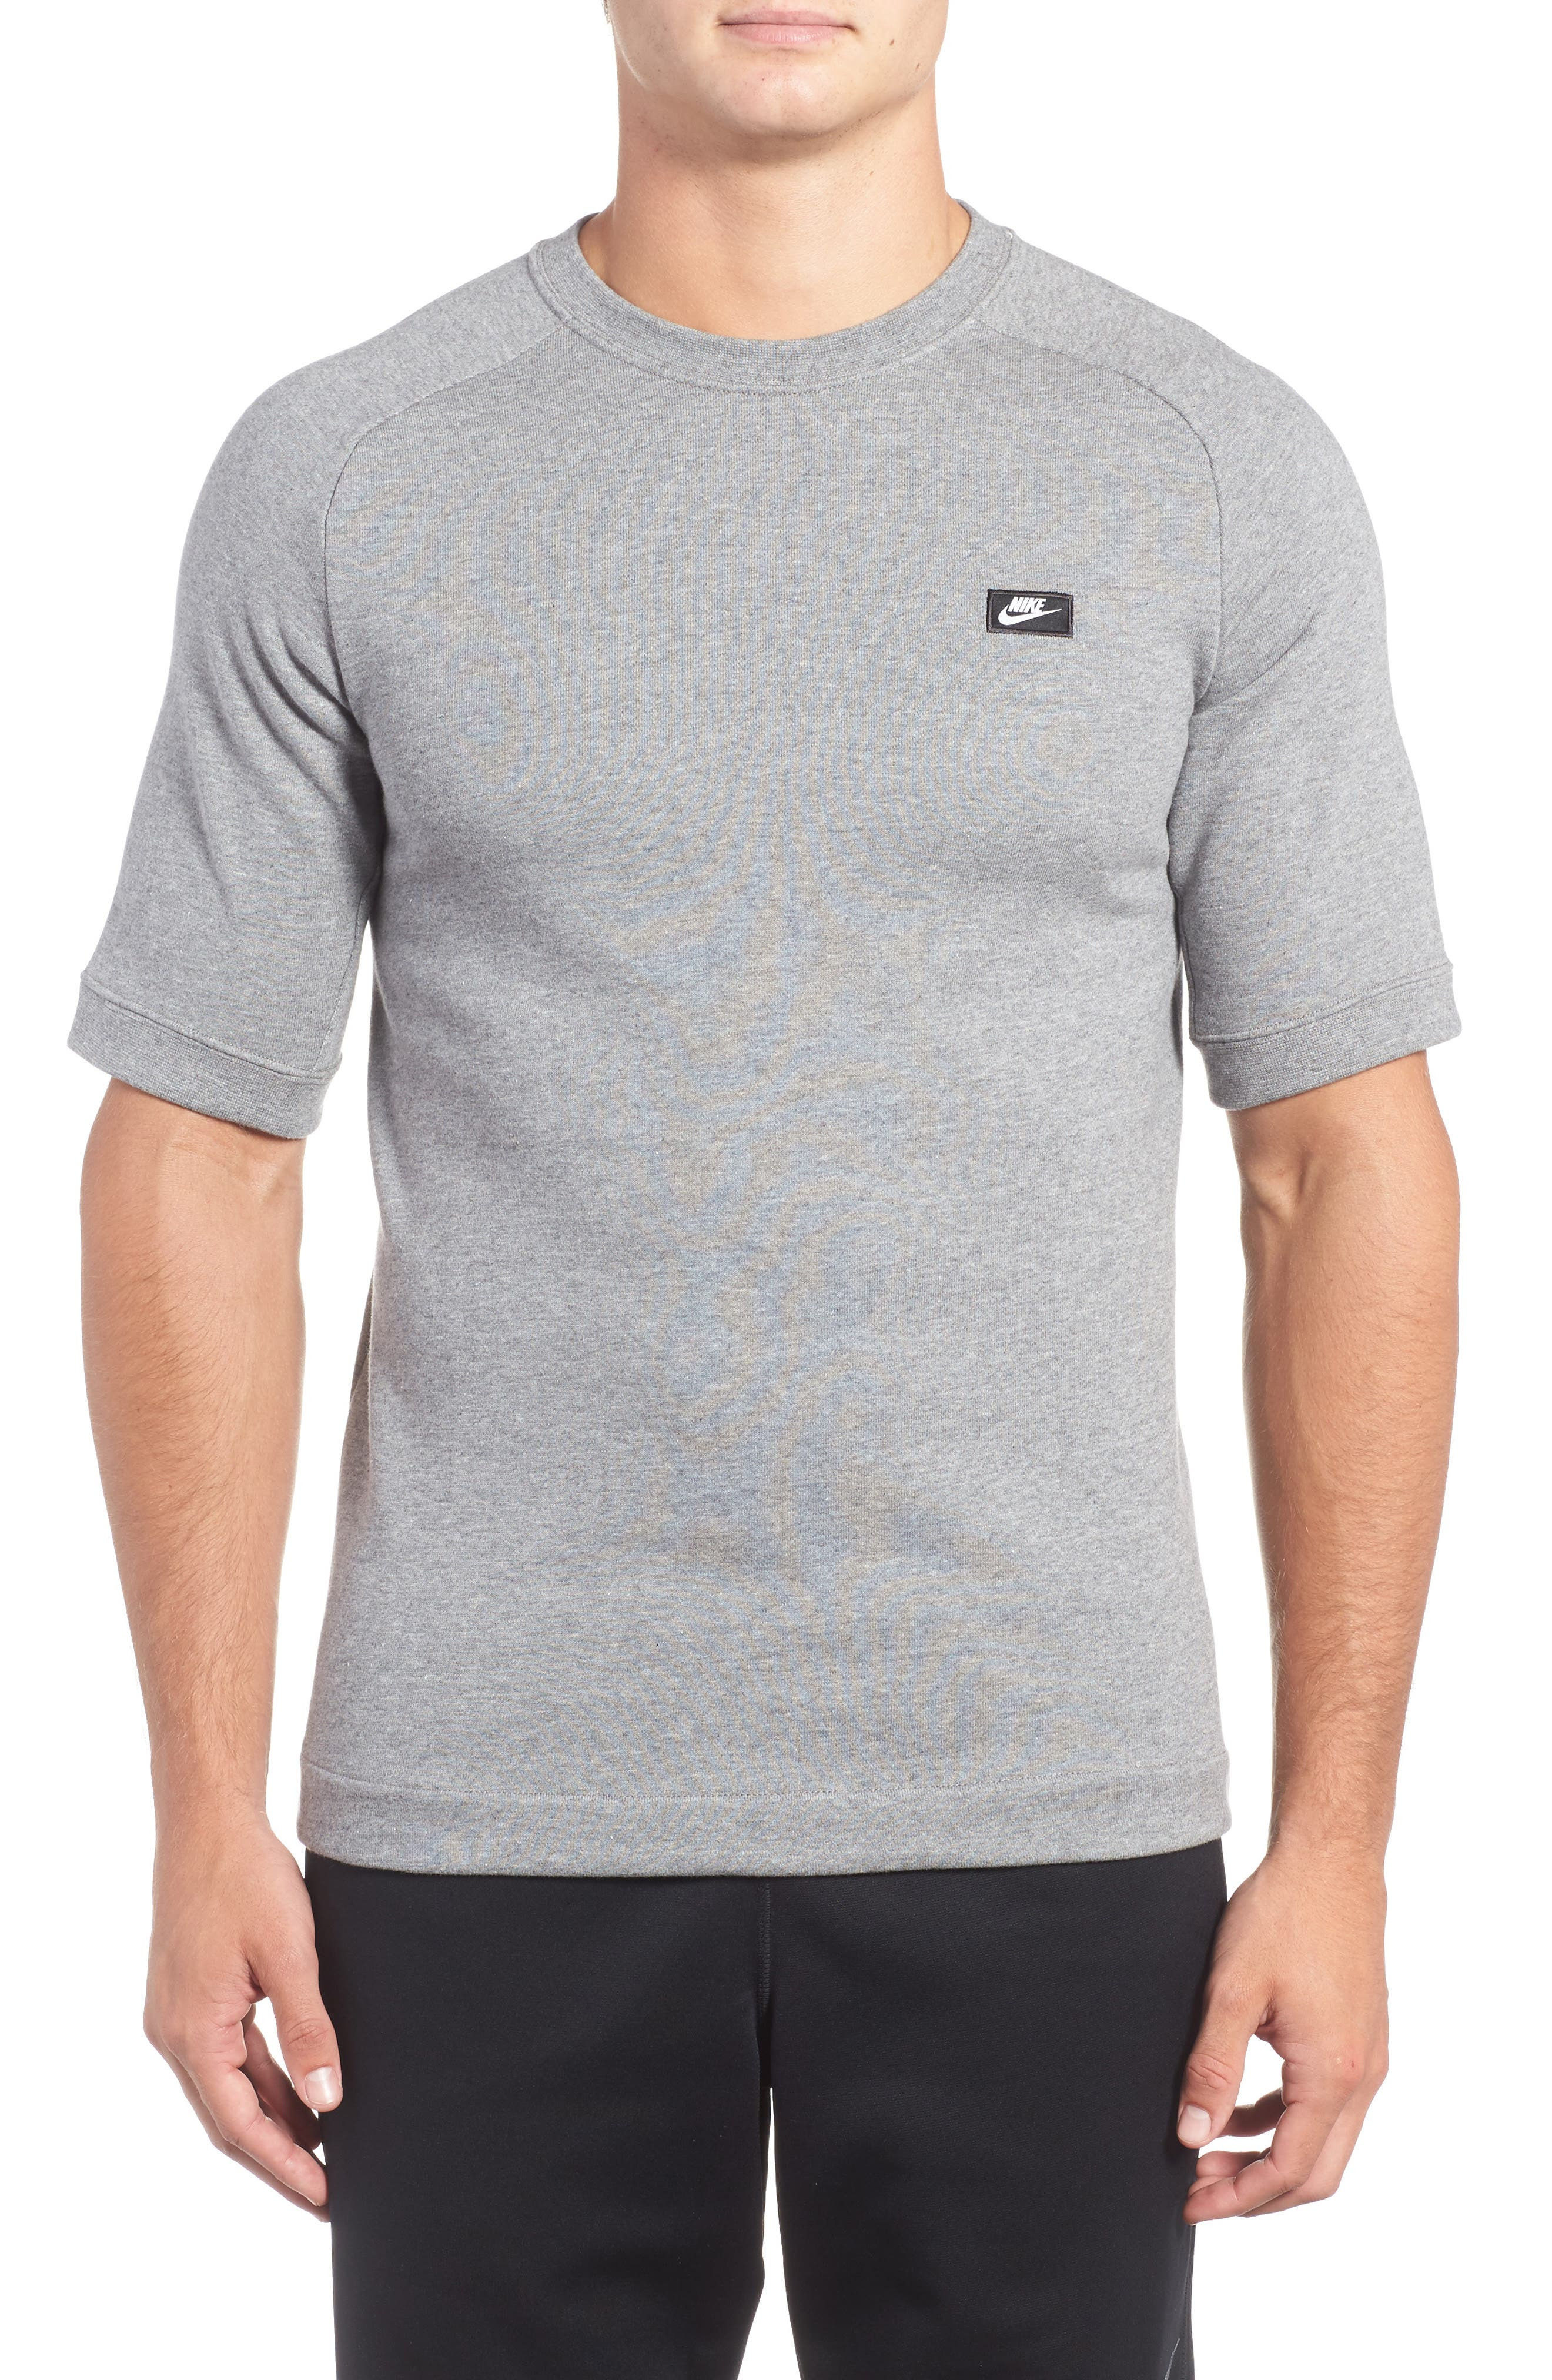 Sportswear Modern Crew T-Shirt,                         Main,                         color, Grey